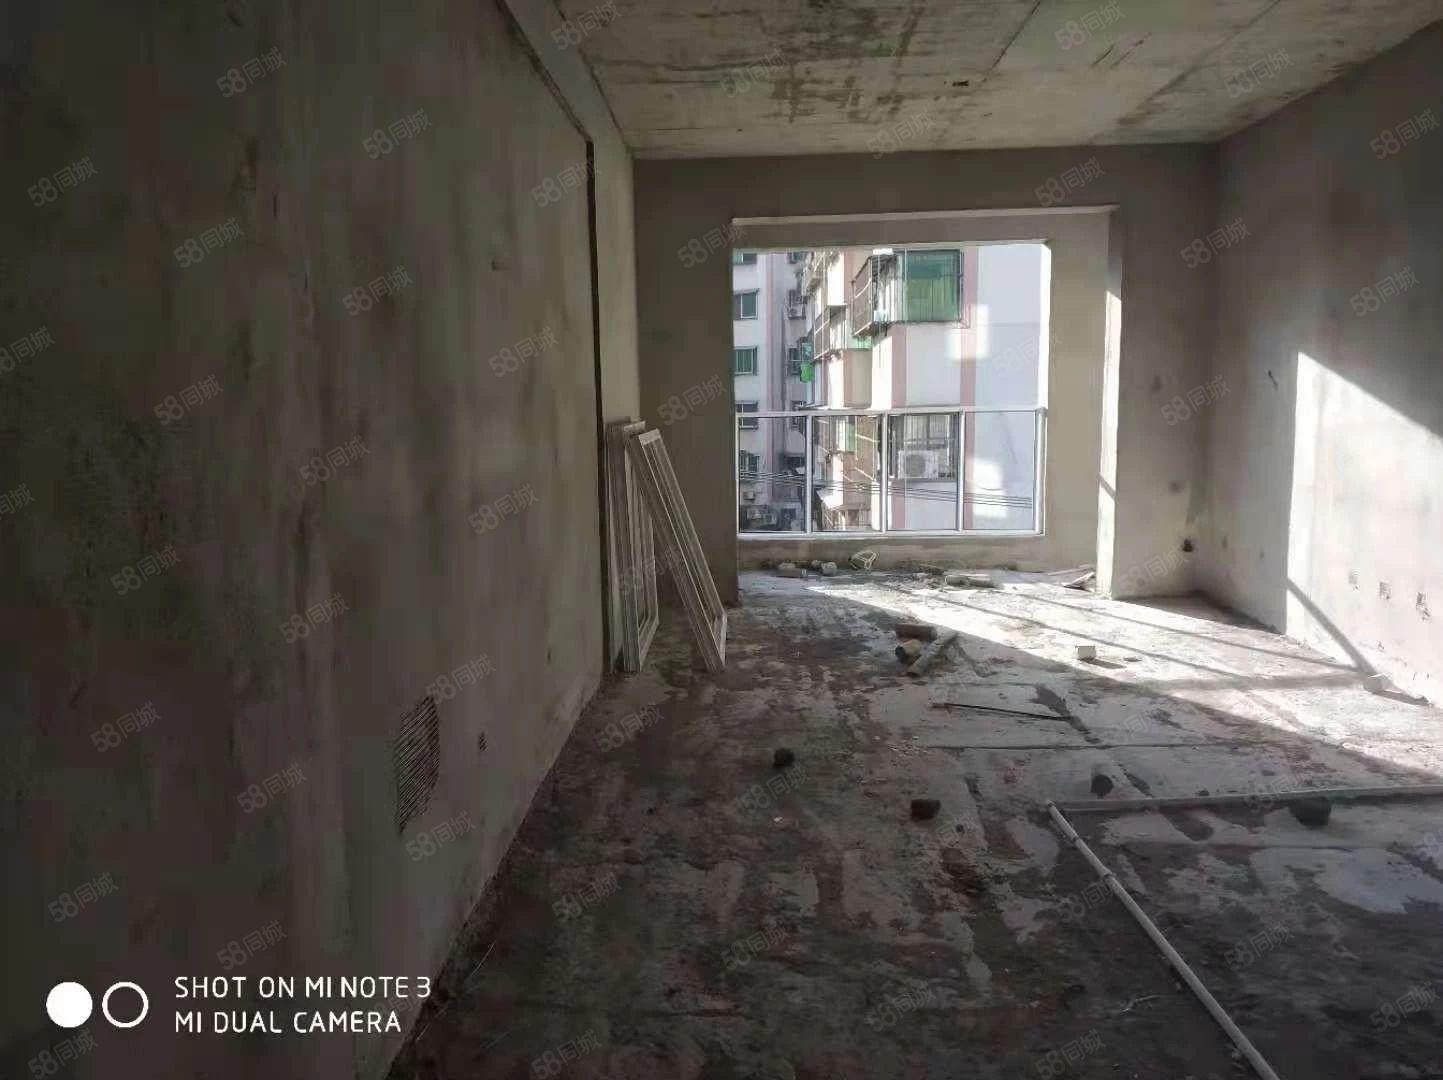 新铁路小区新房出售随时过户全新一手房一口价28万